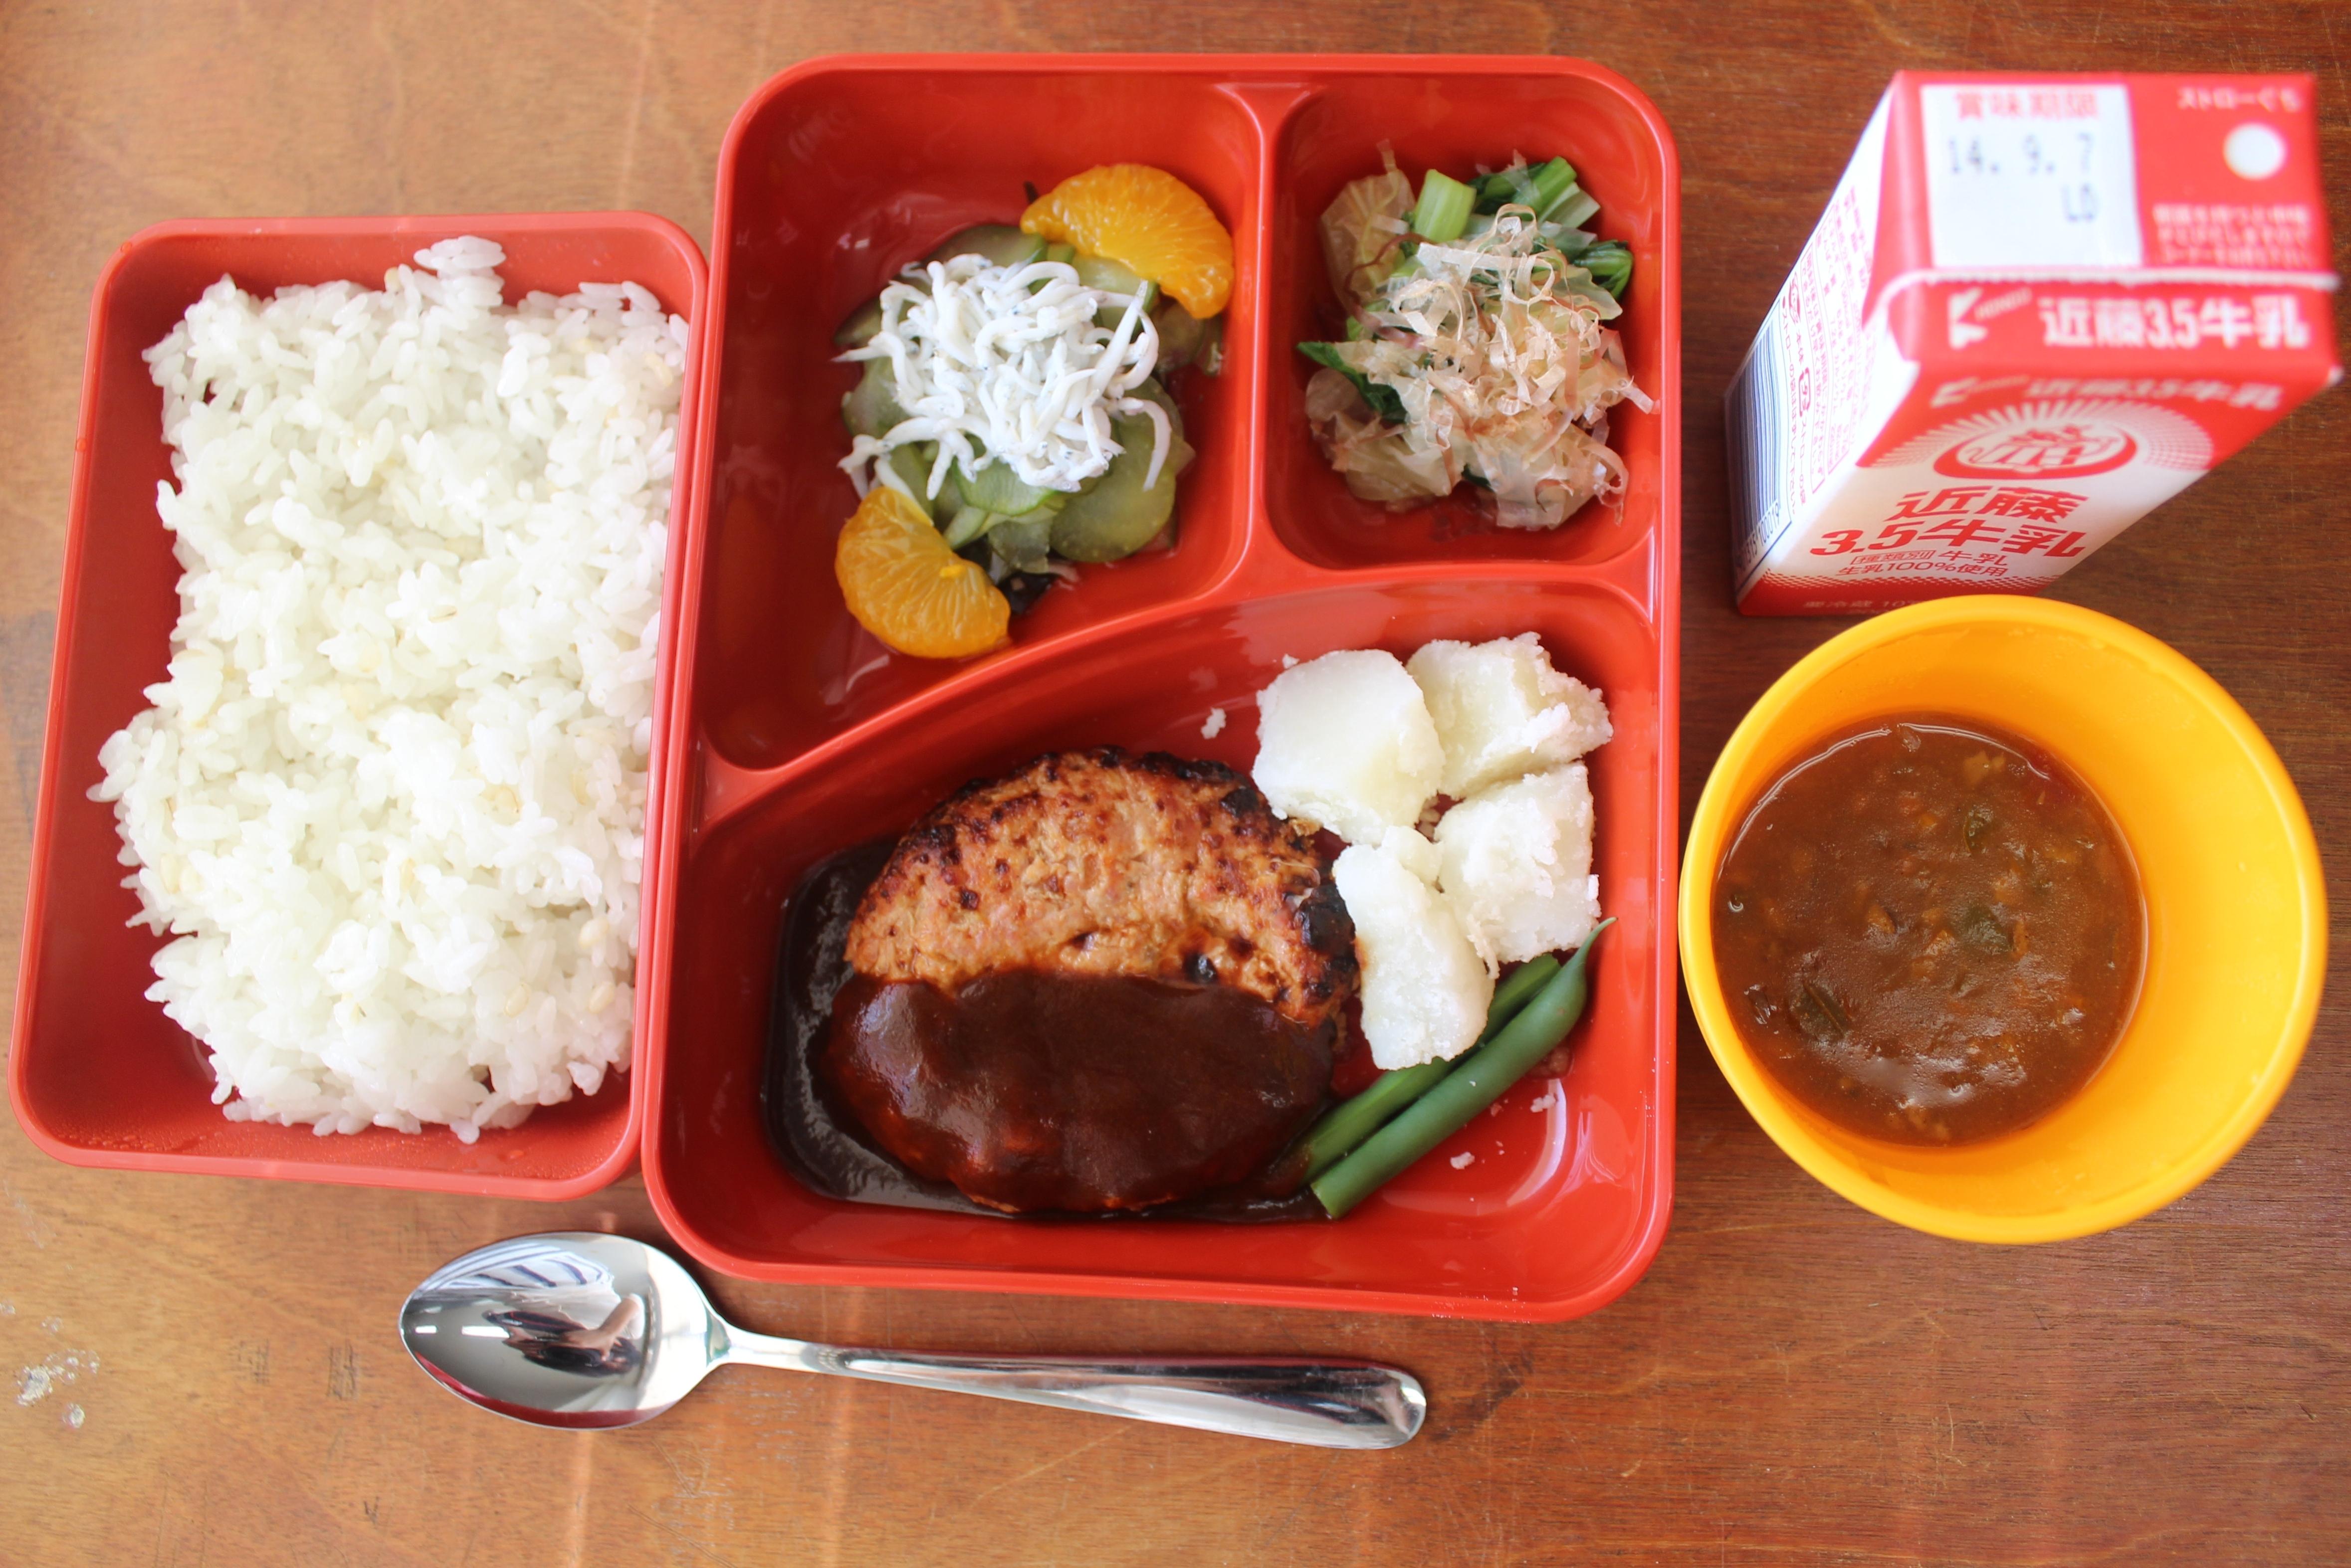 ボックスランチ方式の中学校給食